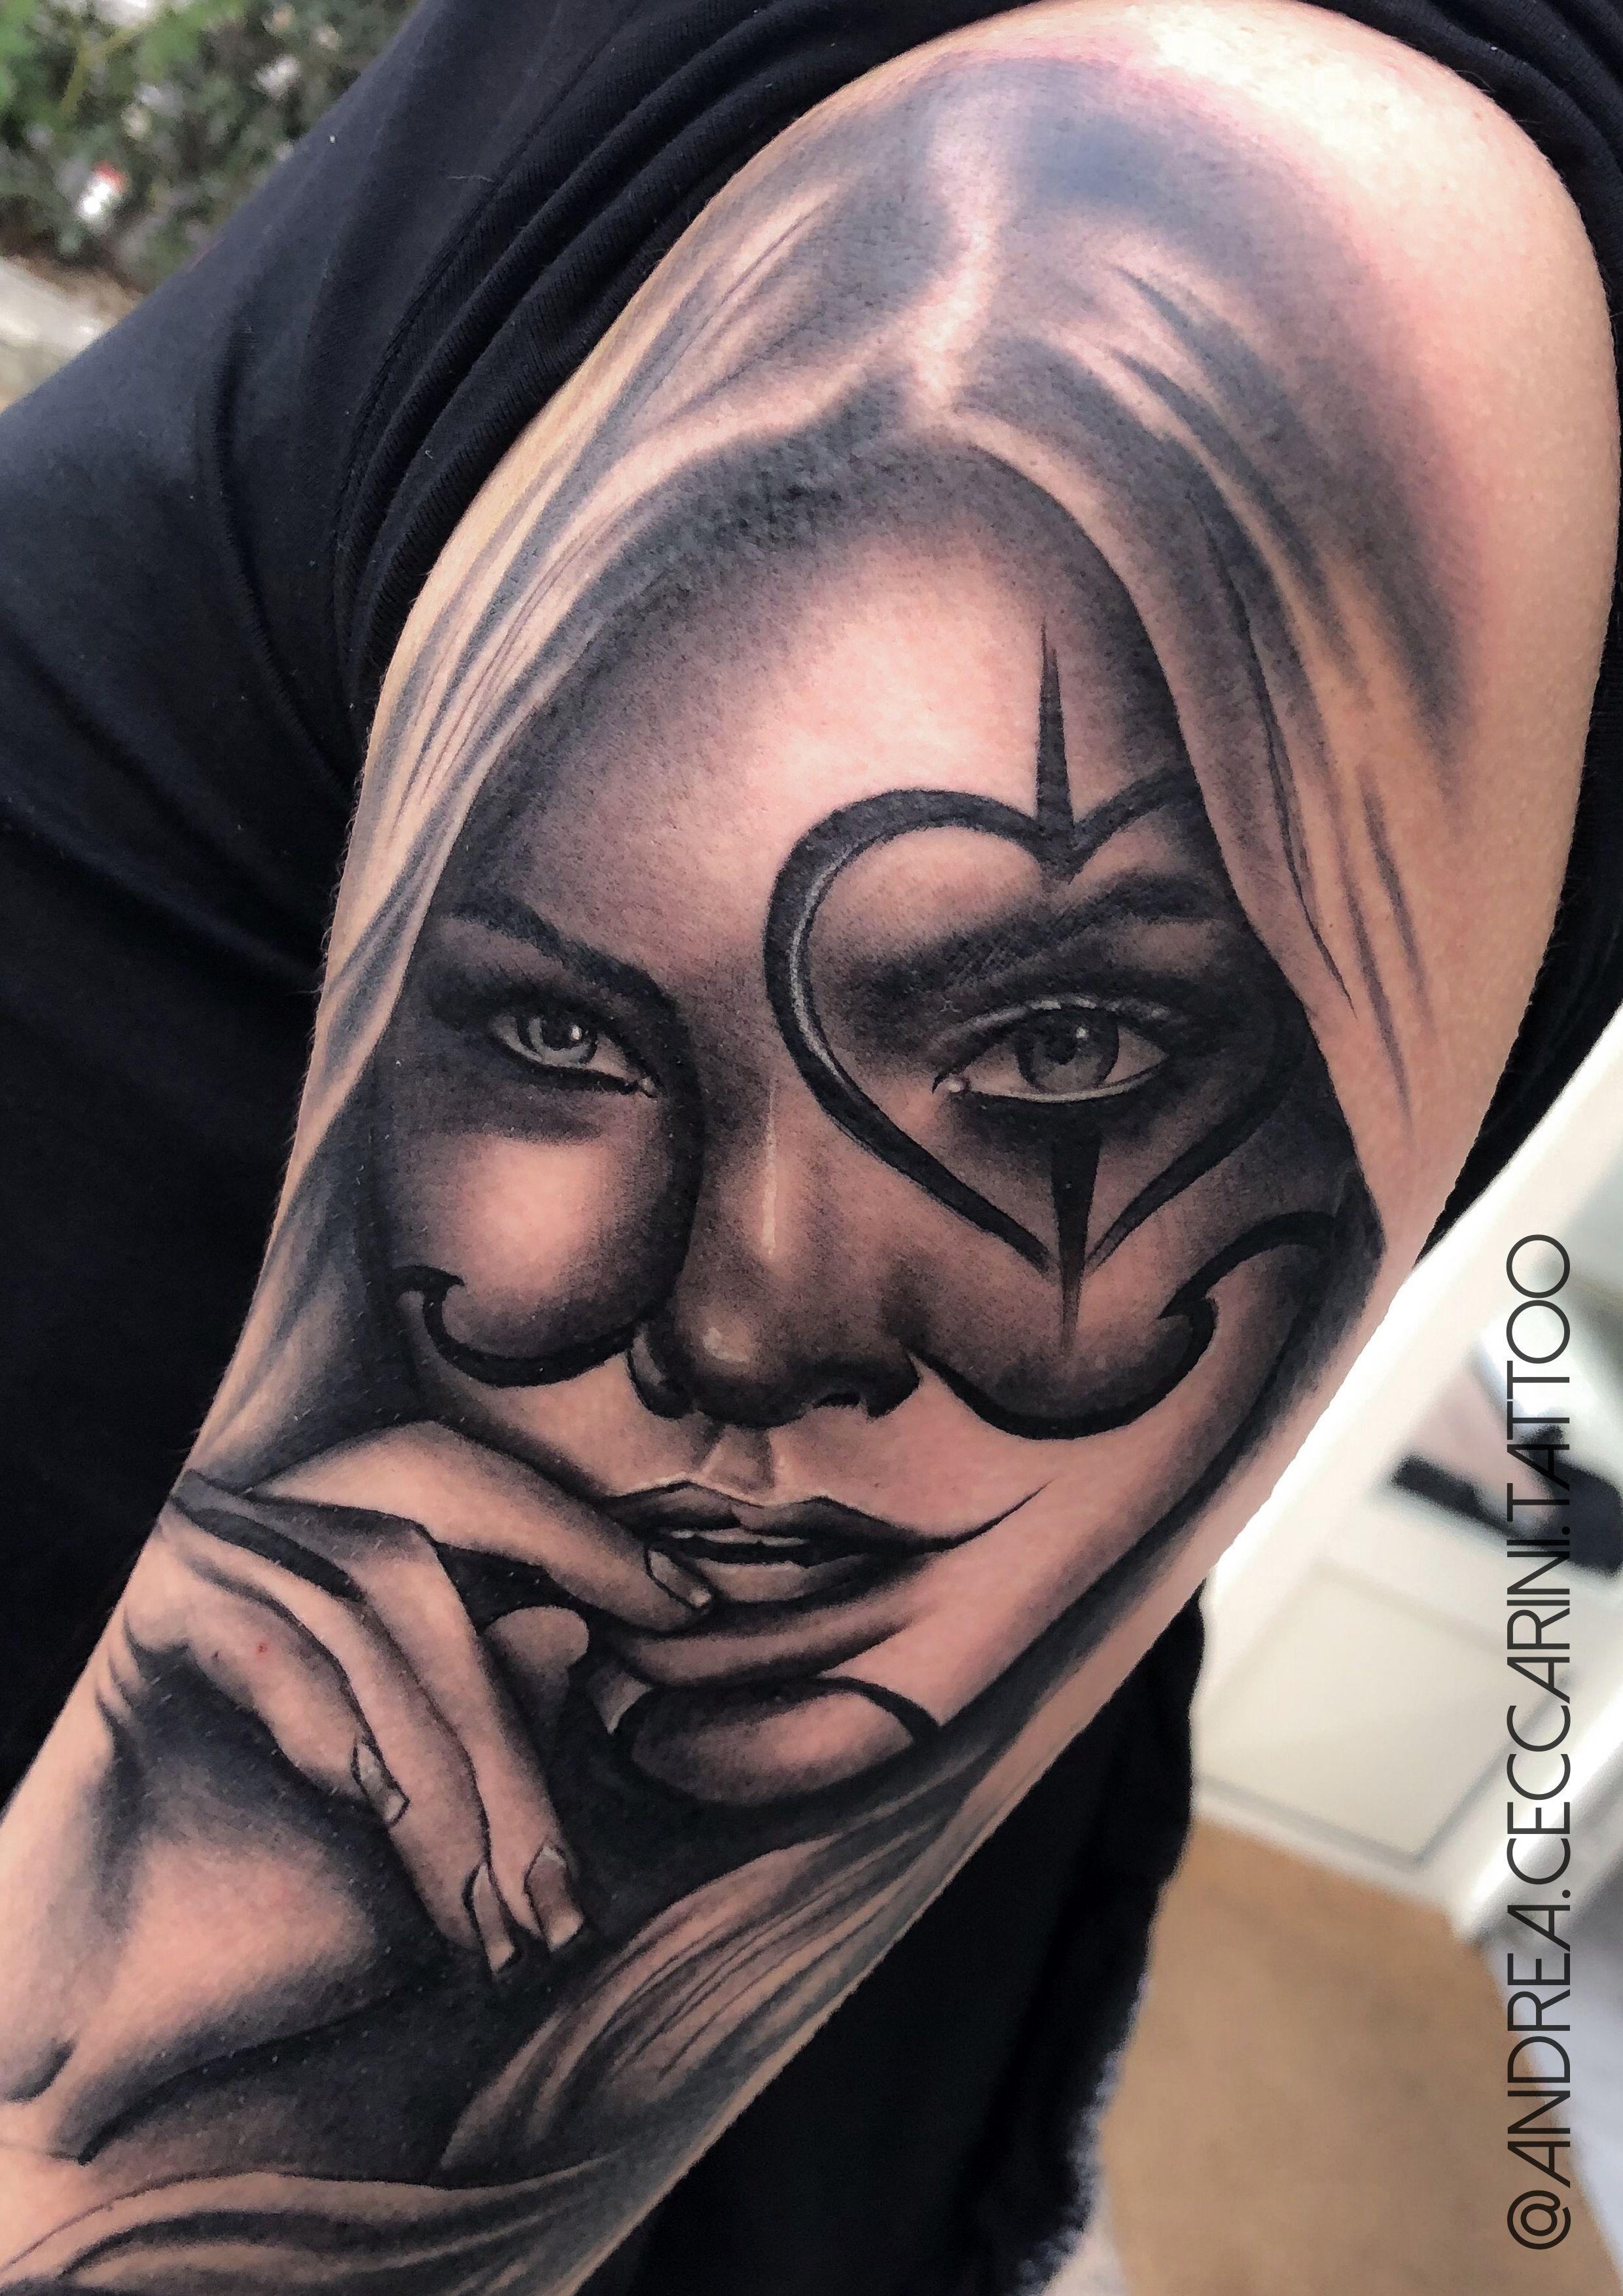 Pin di Jaime Marrero su Tatuajes chicanos (con immagini) | Tatuaggi chicano